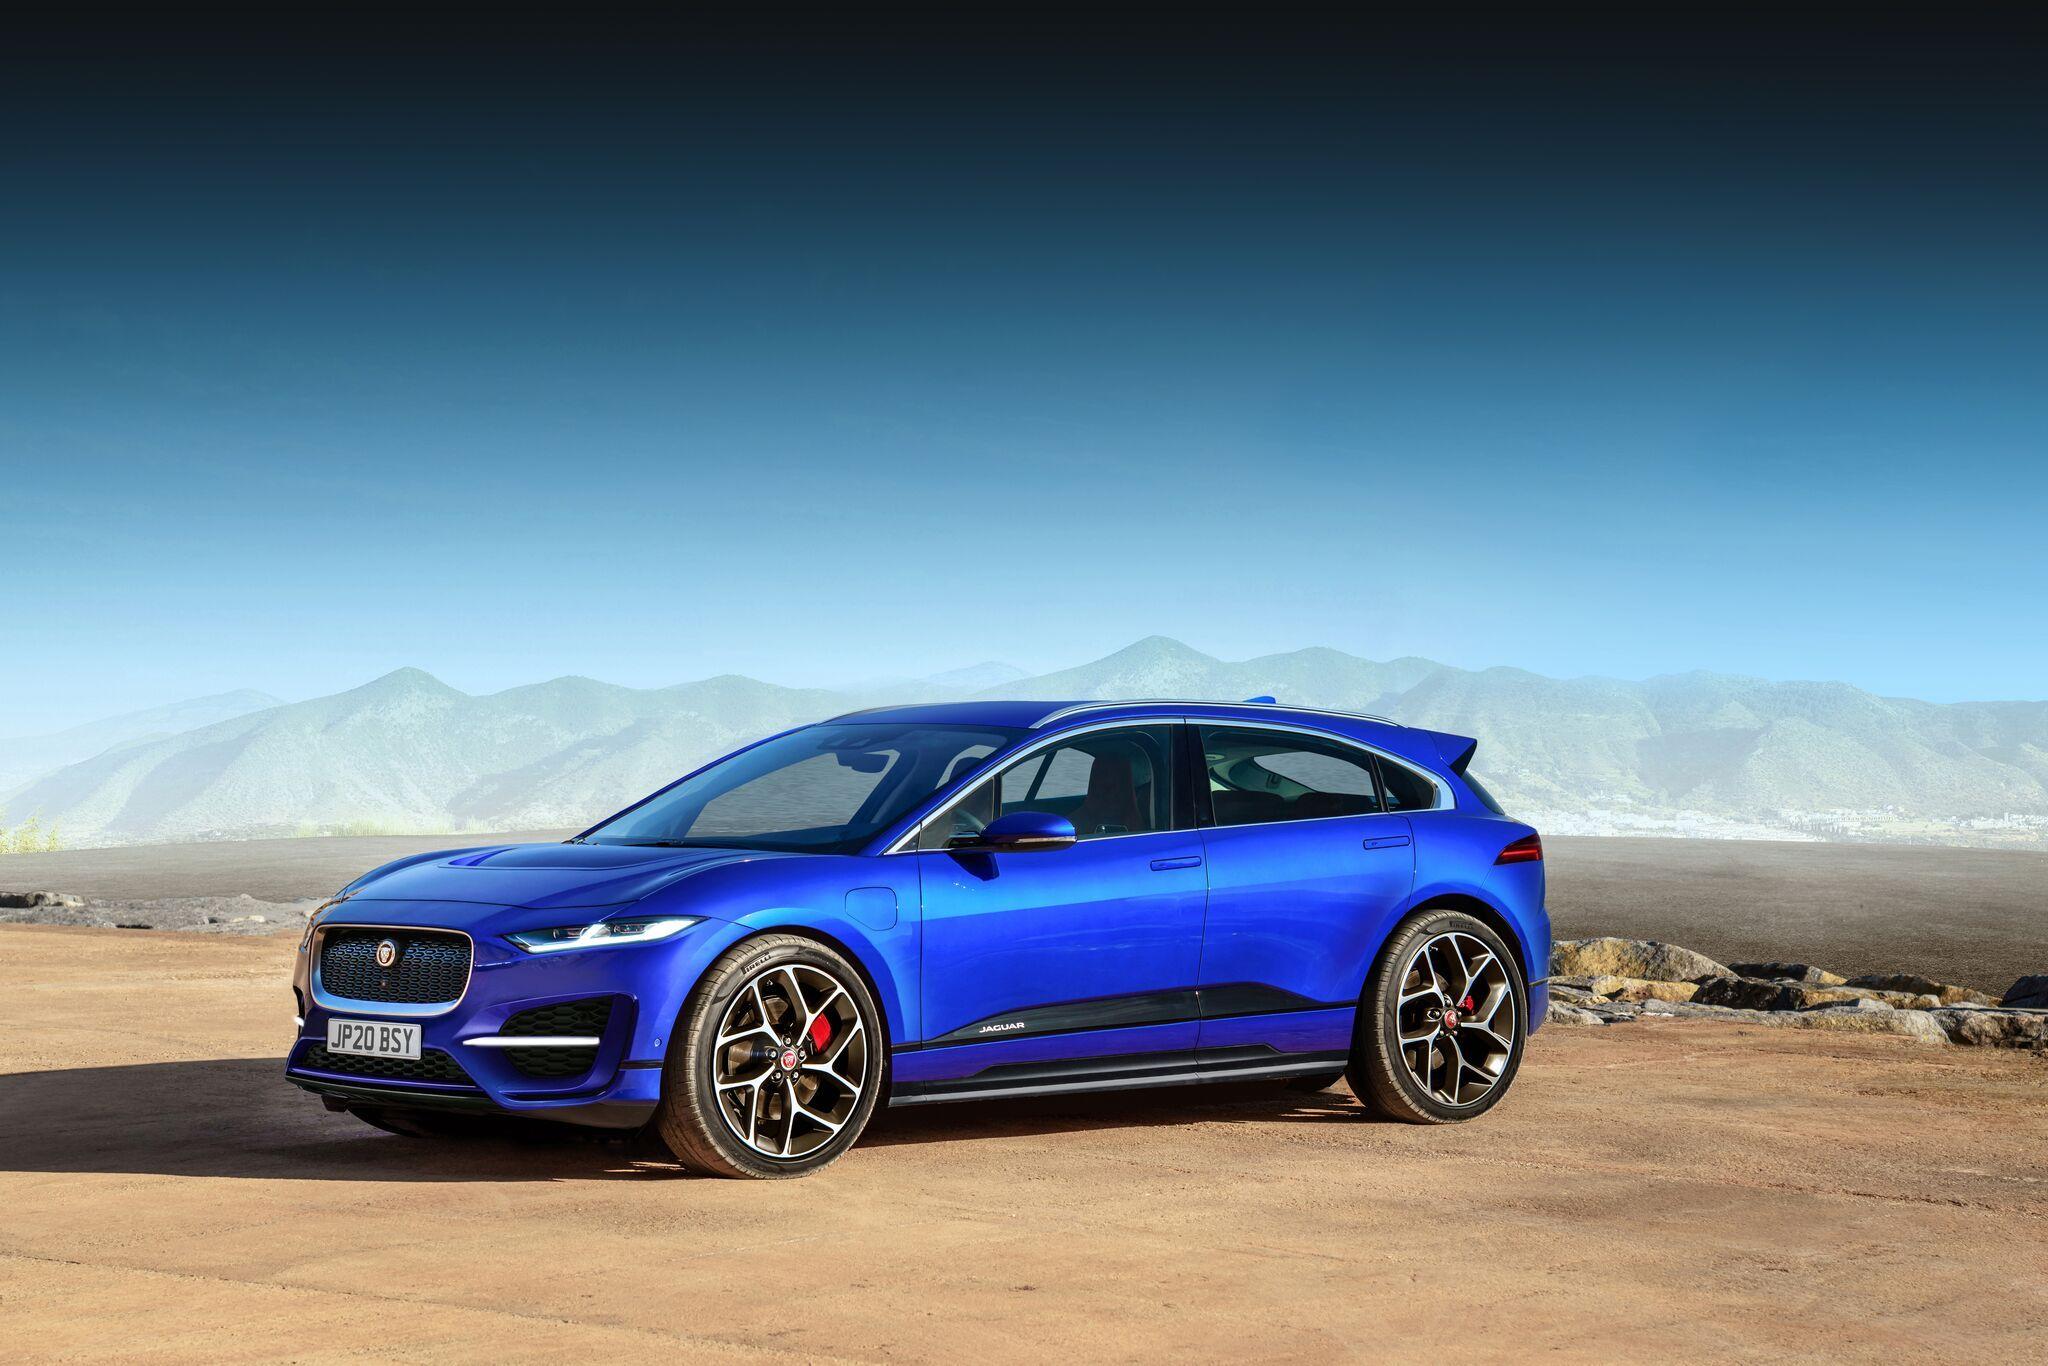 2021 Jaguar J Pace What We Know So Far